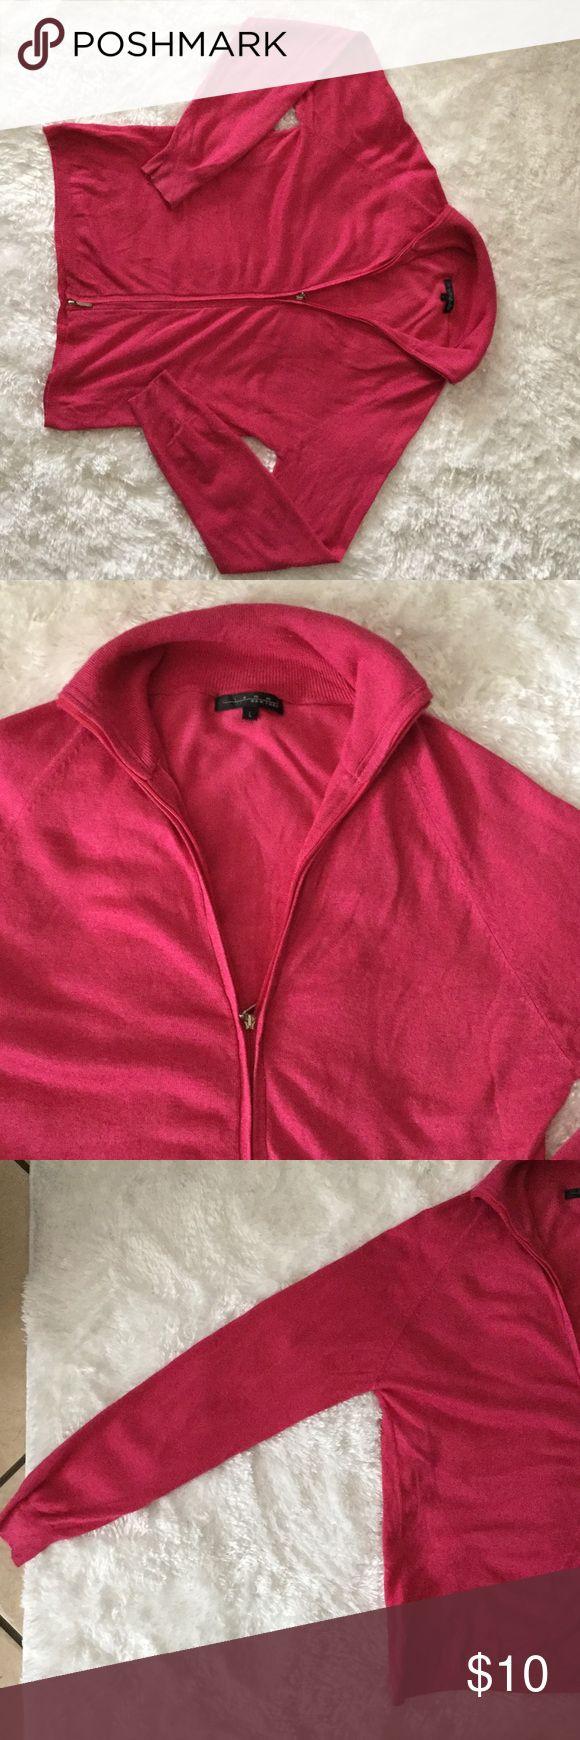 Pink zip up sweater A pink sweater that zips up Pierri New York Tops Sweatshirts & Hoodies